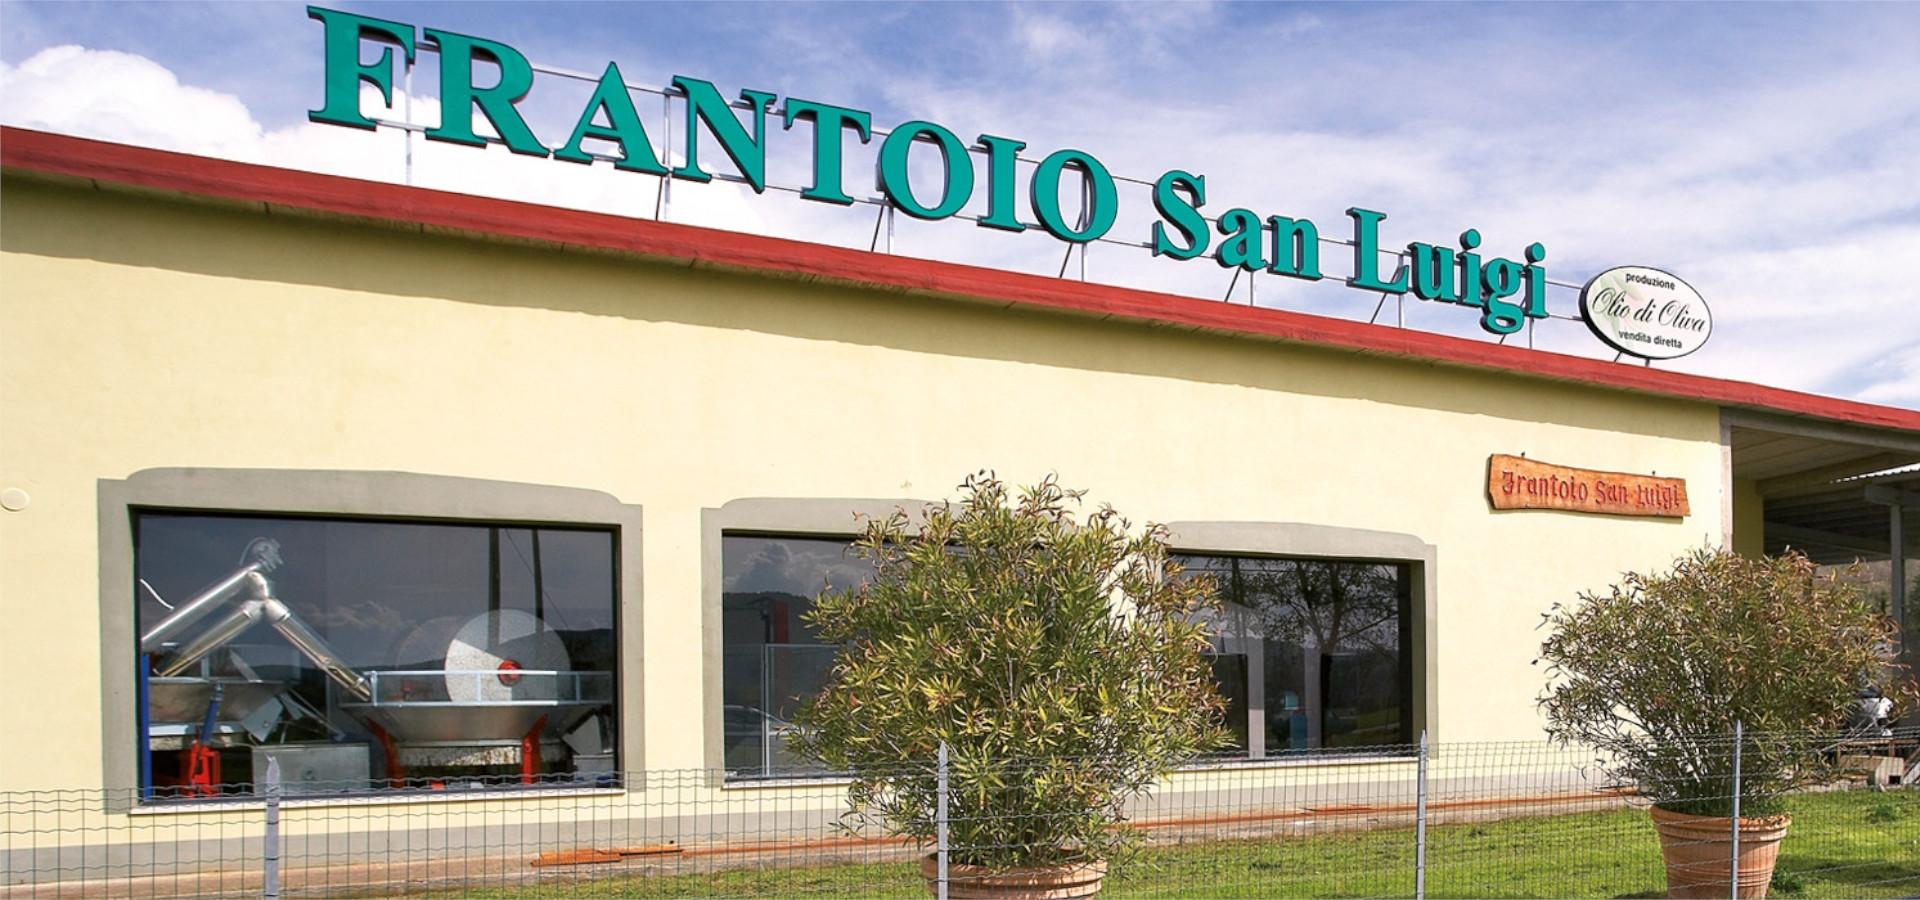 Frantoio San Luigi